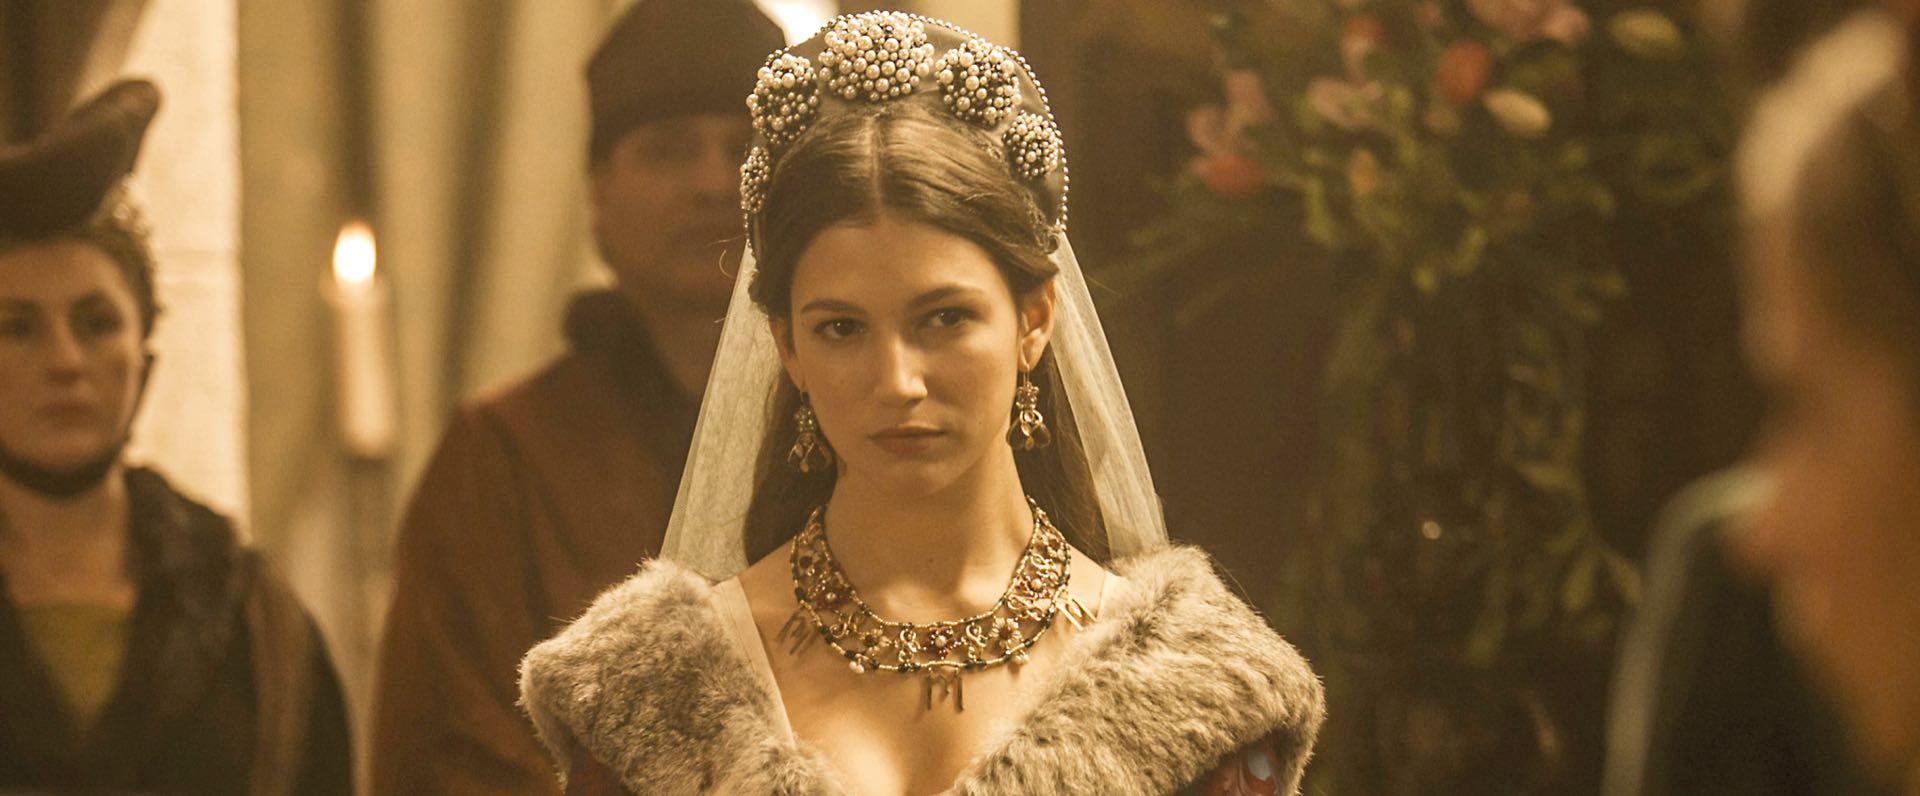 Úrsula, en 2014, en la serie Isabel.